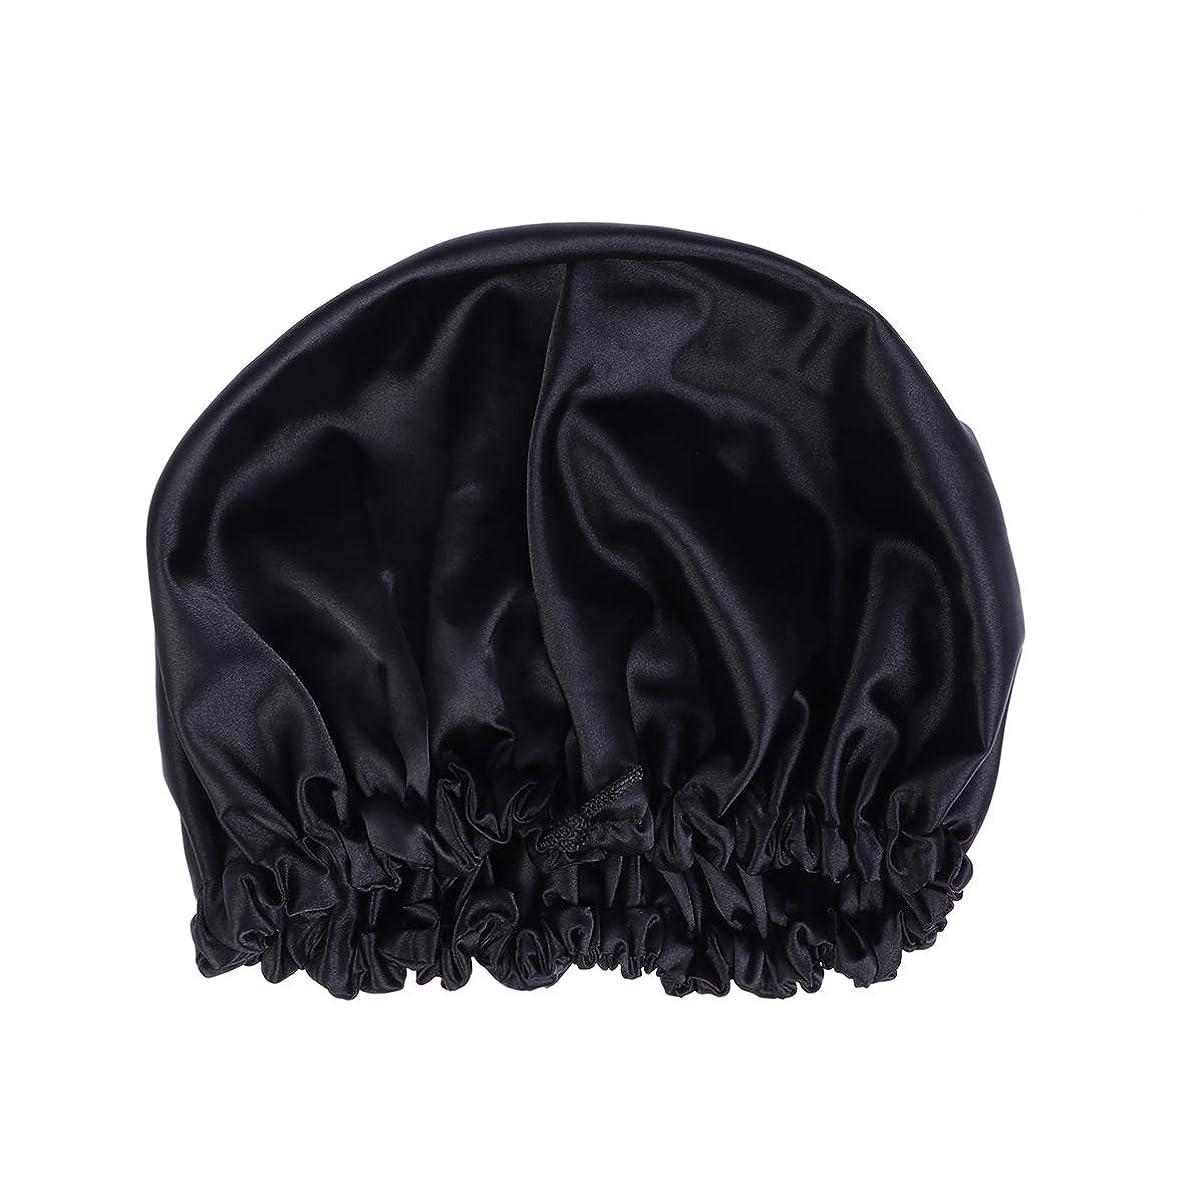 馬鹿コンソール地域Healifty ダクロンナイトスリーピングキャップボンネット帽子(黒)